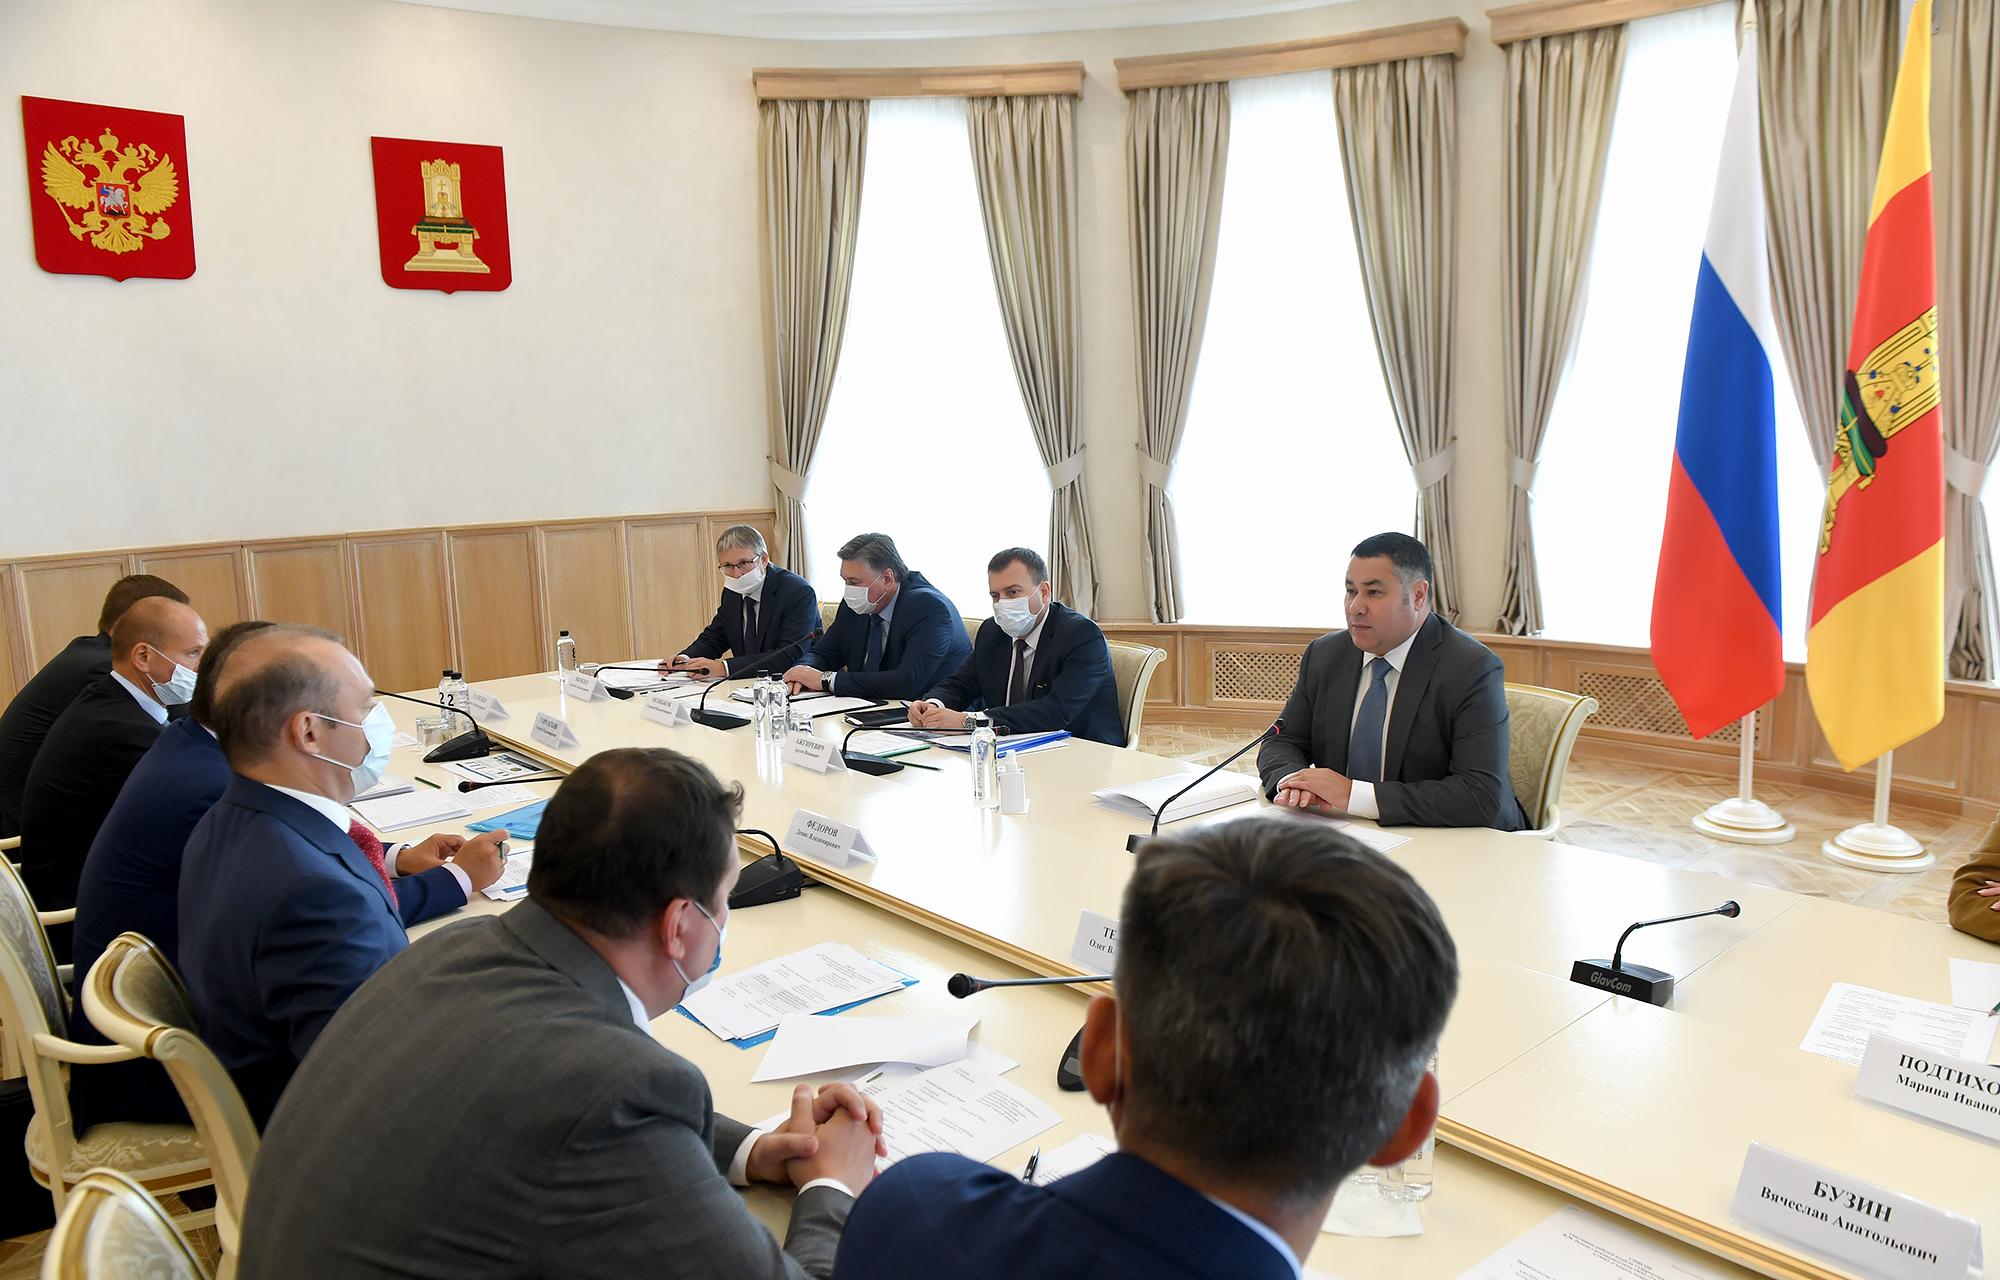 Игорь Руденя обсудил с руководством ПАО «Газпром» газификацию Тверской области